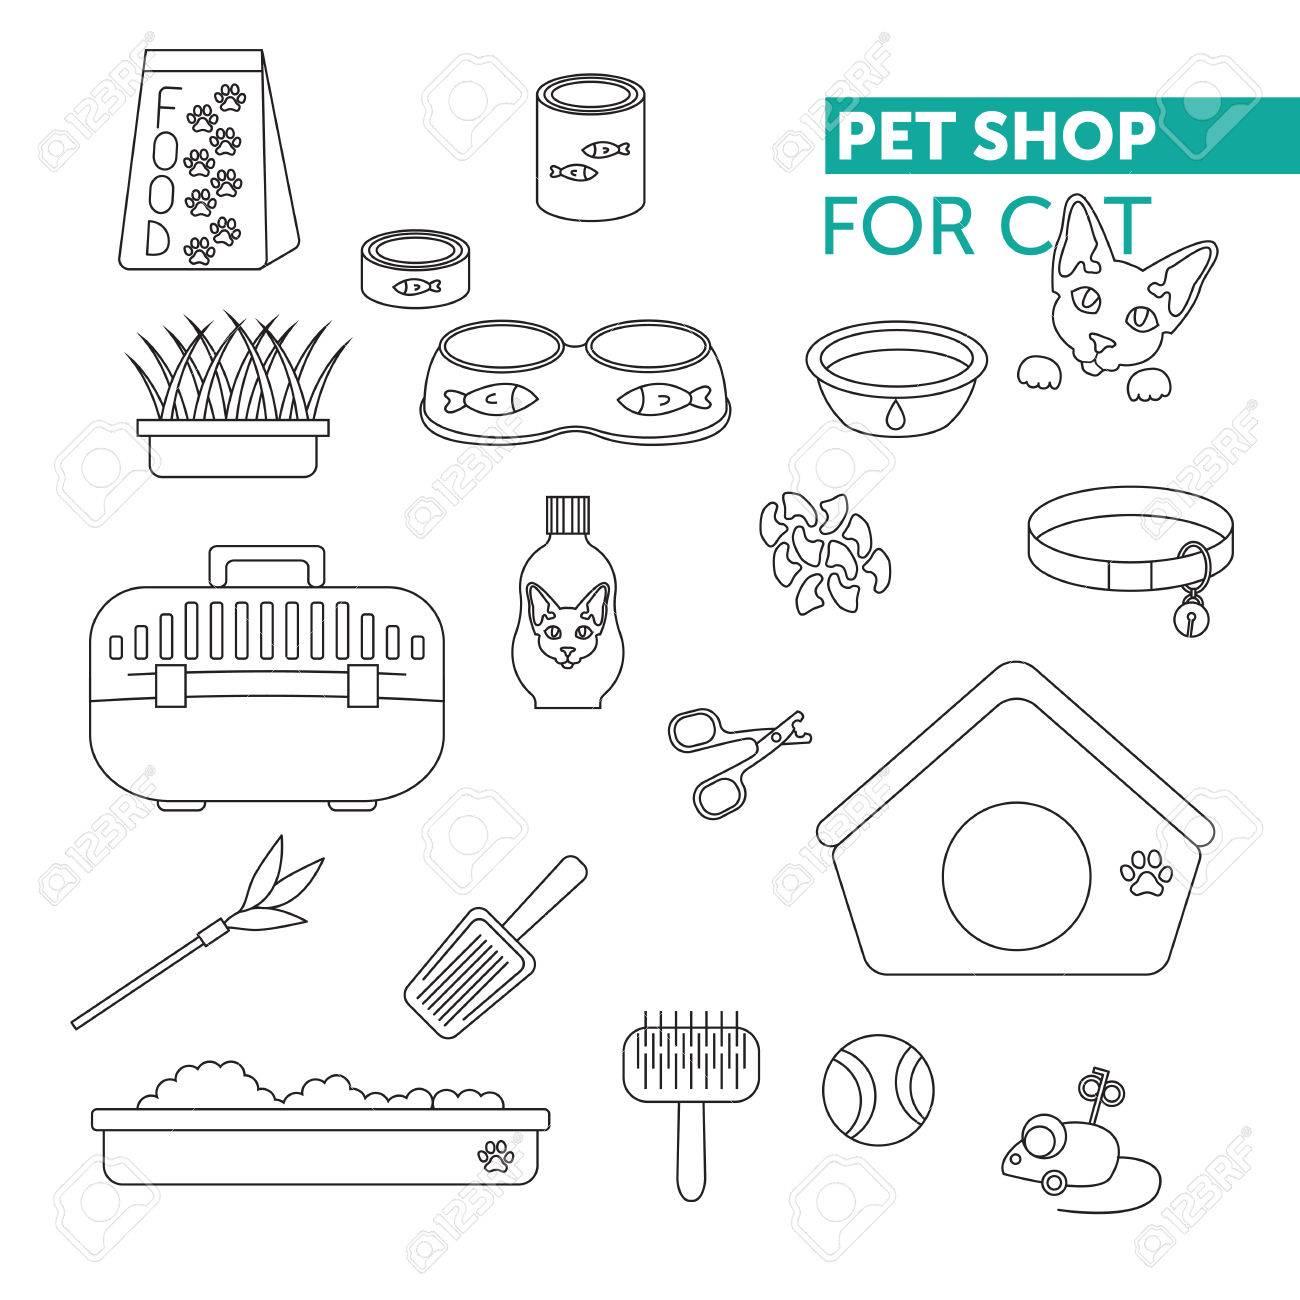 ベクトル線アイコンを設定。ペット ショップのハサミの爪、リター スコップ、ネコ用のトイレ、ペット犬小屋、シャンプー、オート麦、ネイル  キャップ、猫のための食糧